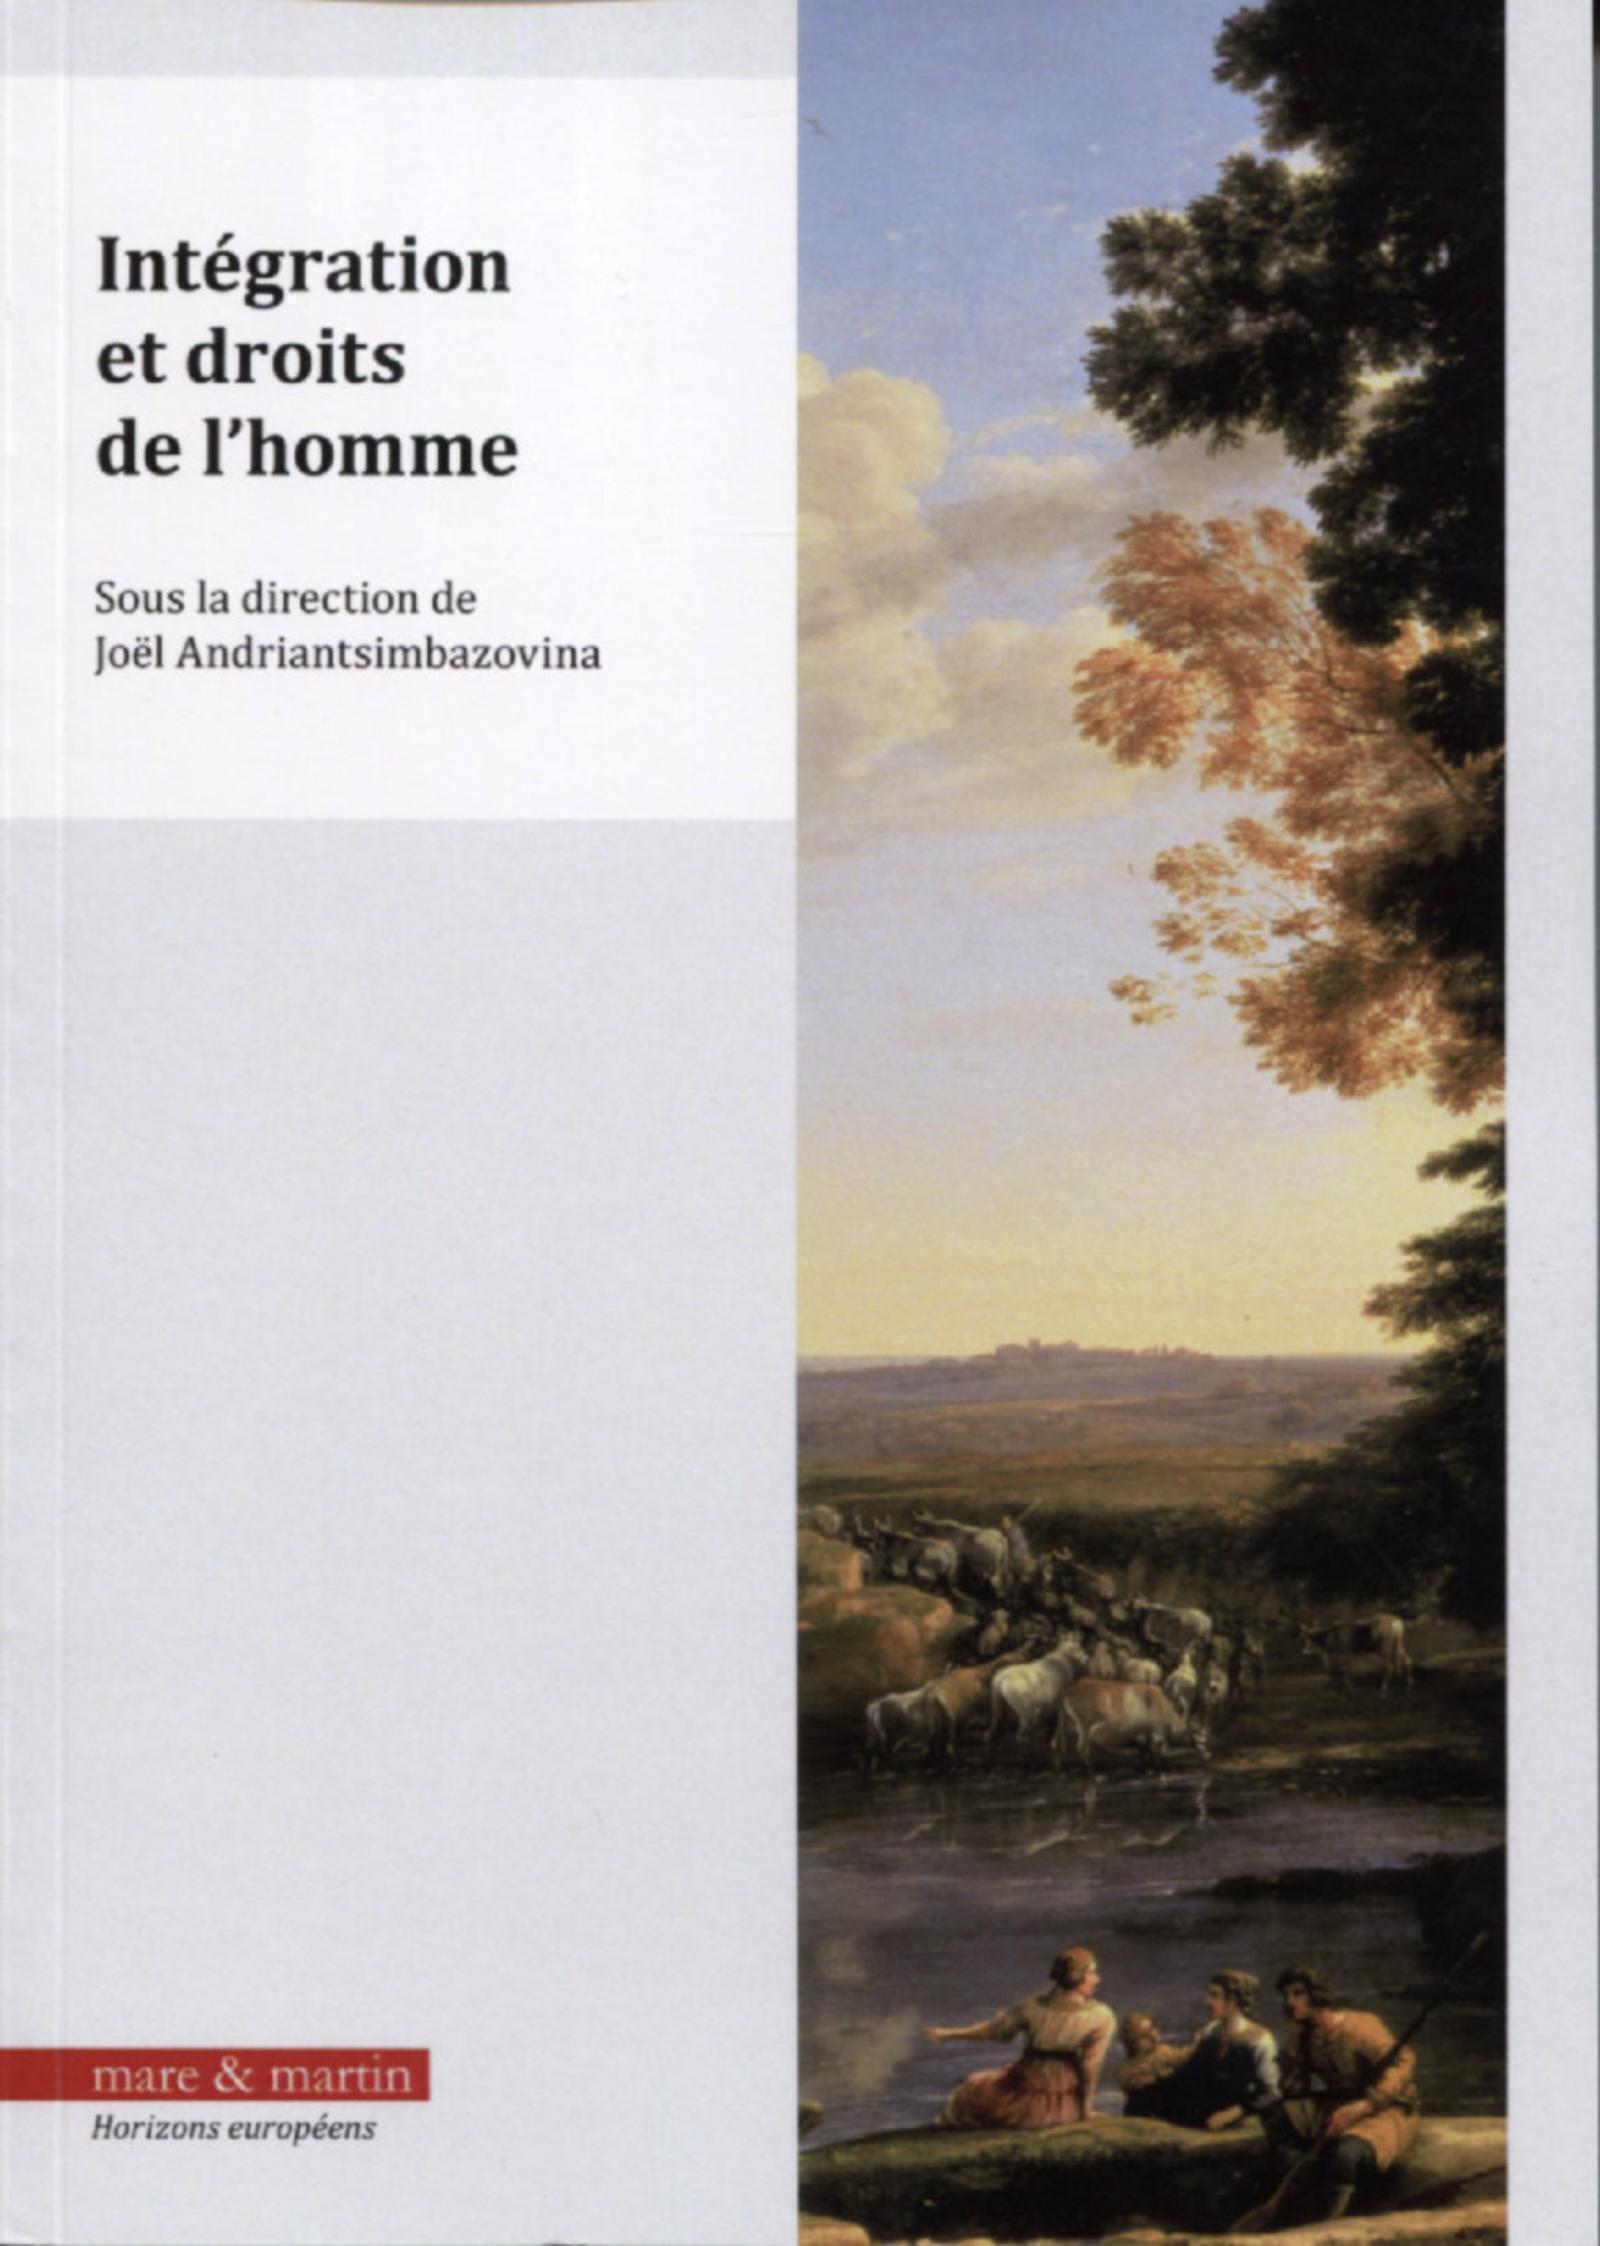 INTEGRATION ET DROITS DE L'HOMME